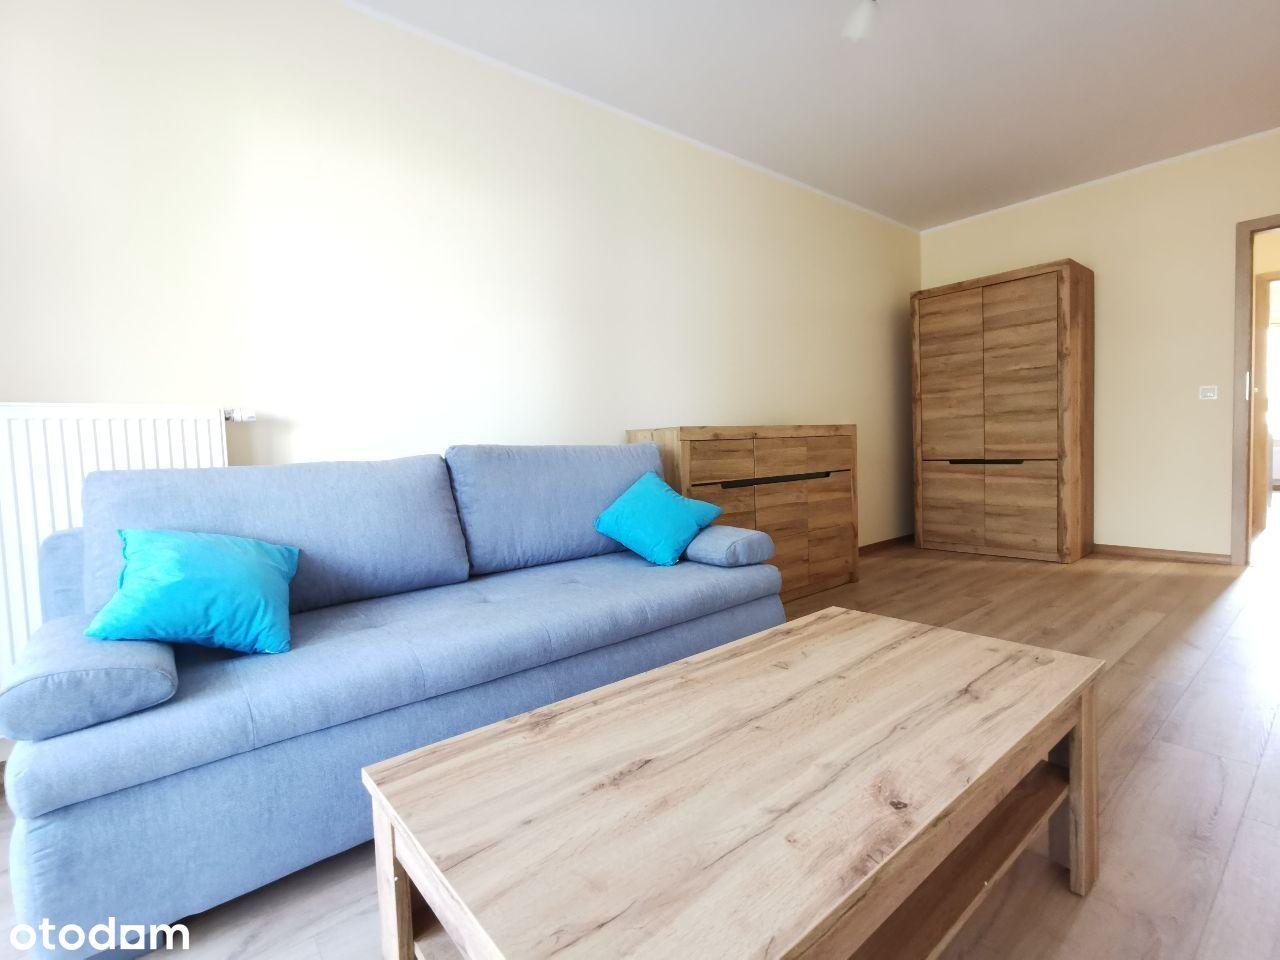 Mieszkanie, 52 m², Wrocław